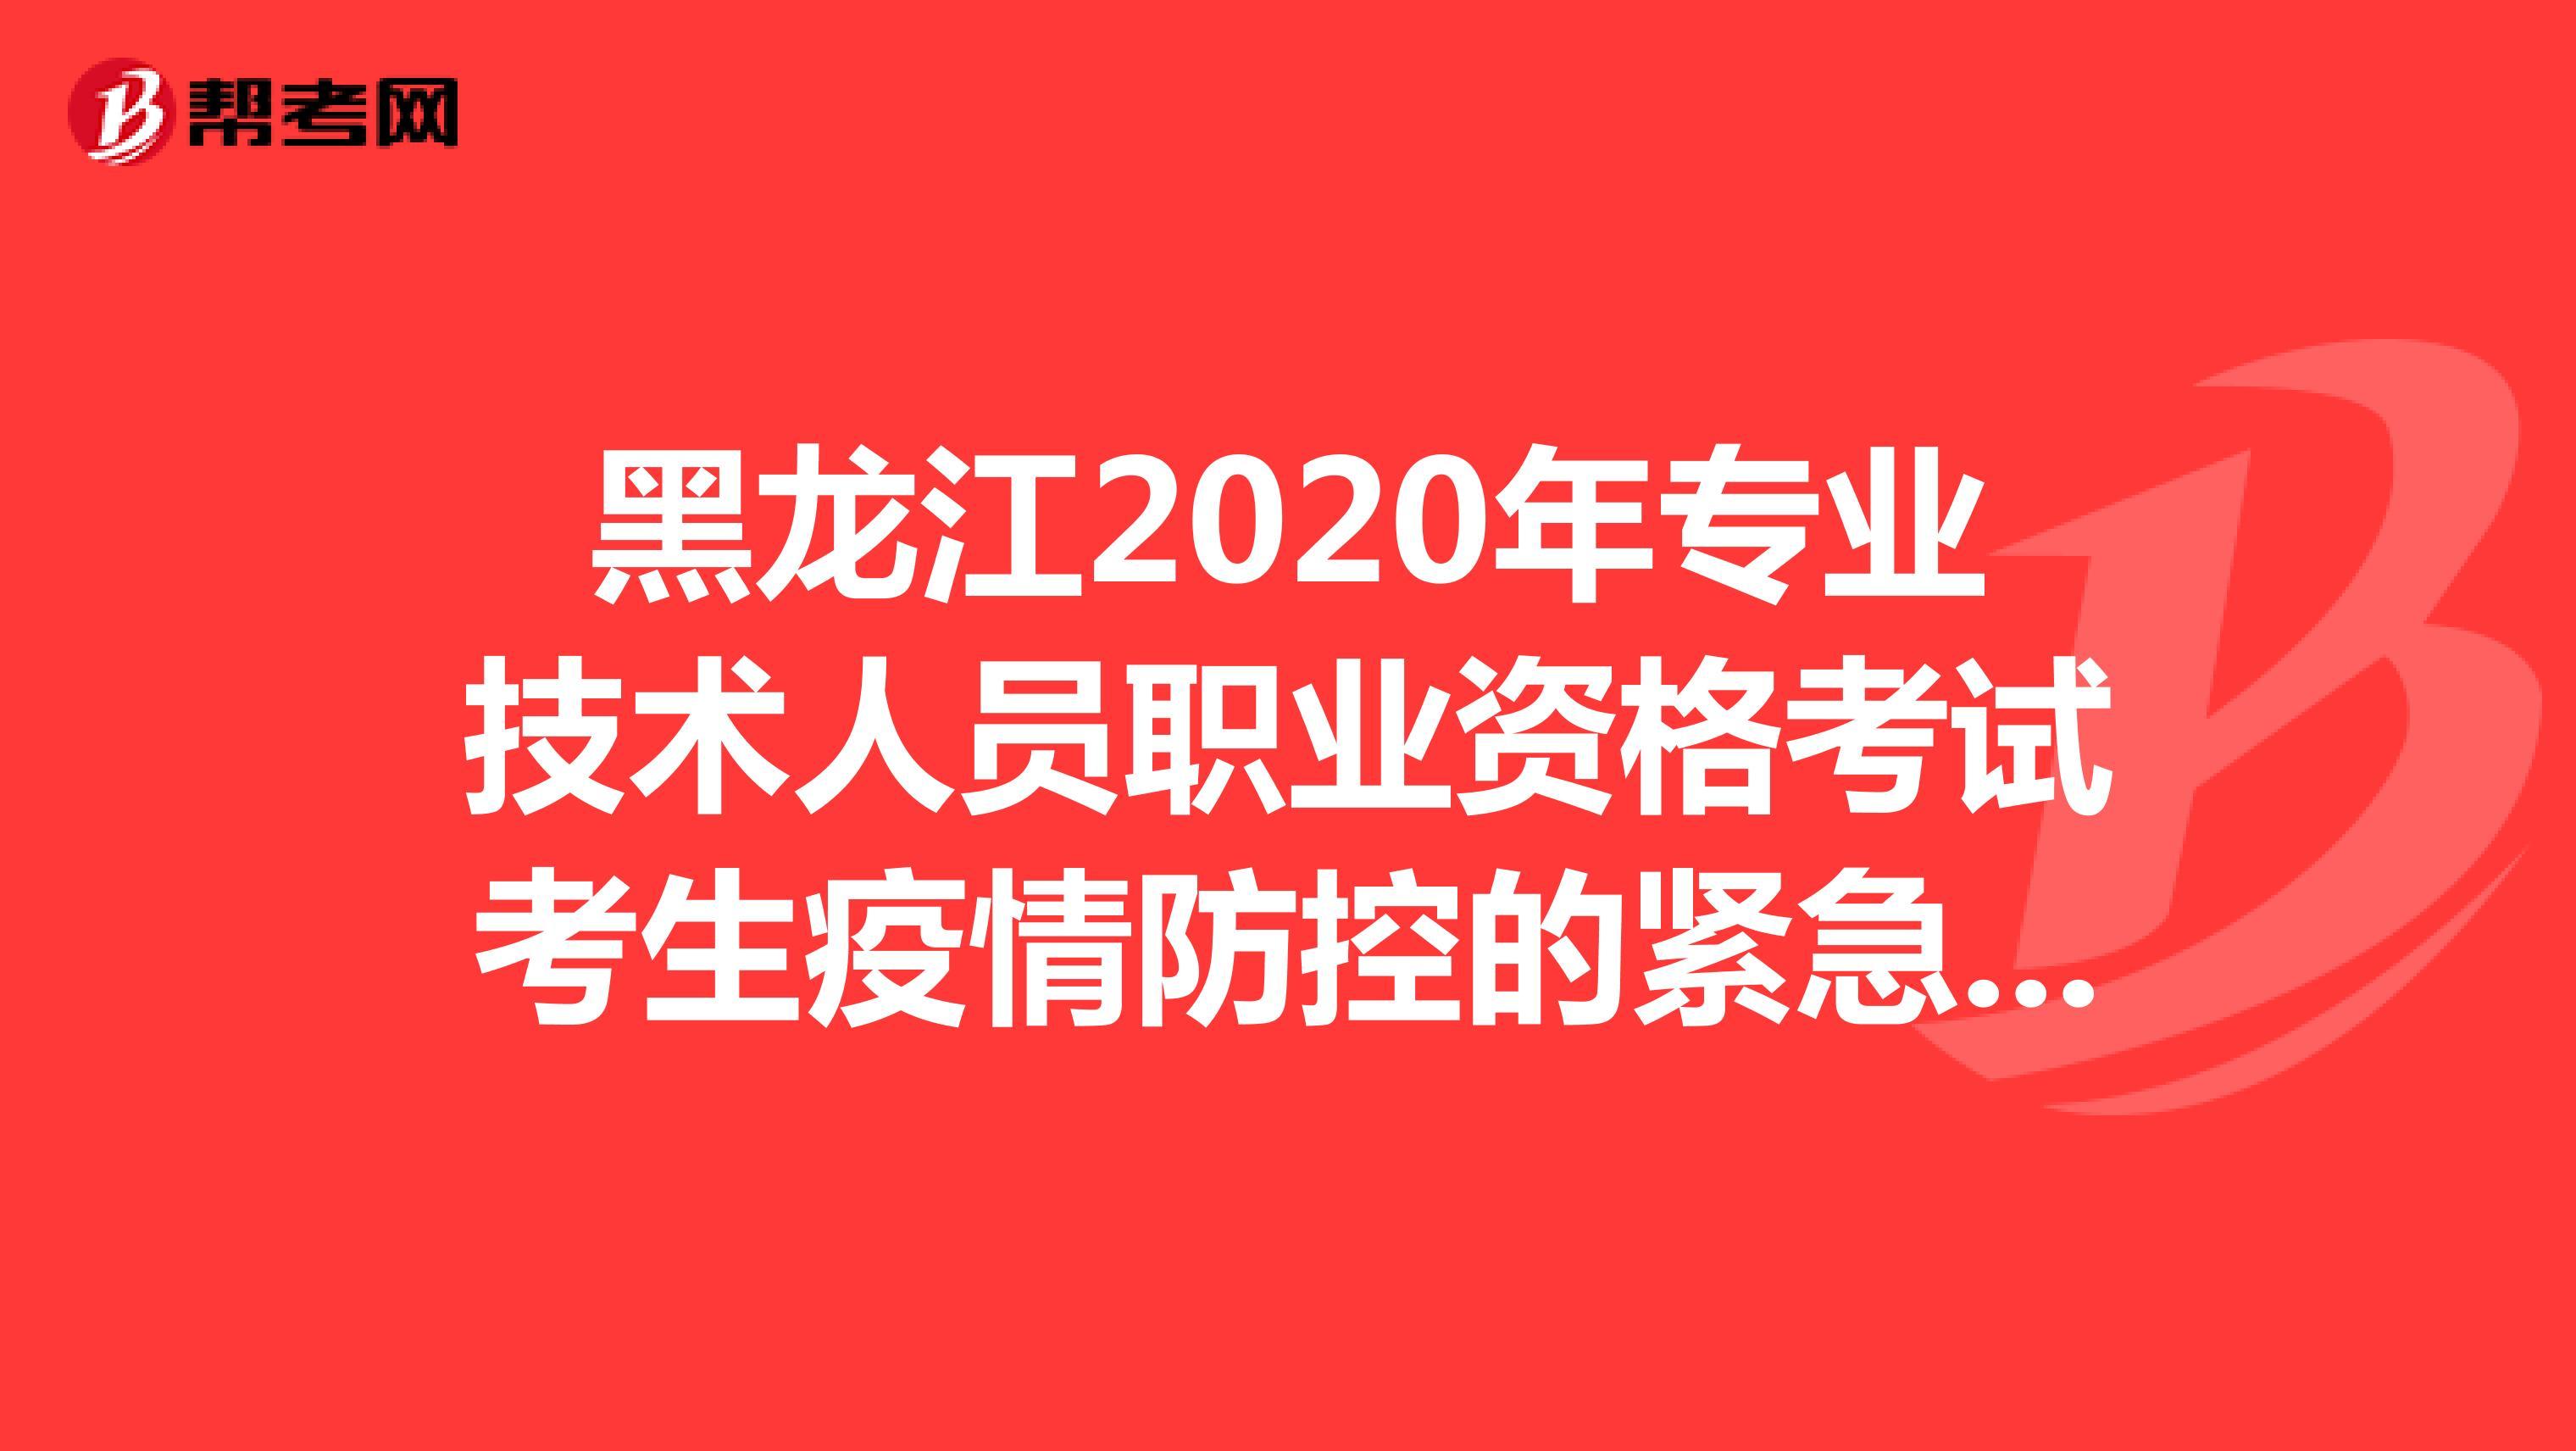 黑龙江2020年专业技术人员职业资格考试考生疫情防控的紧急通知